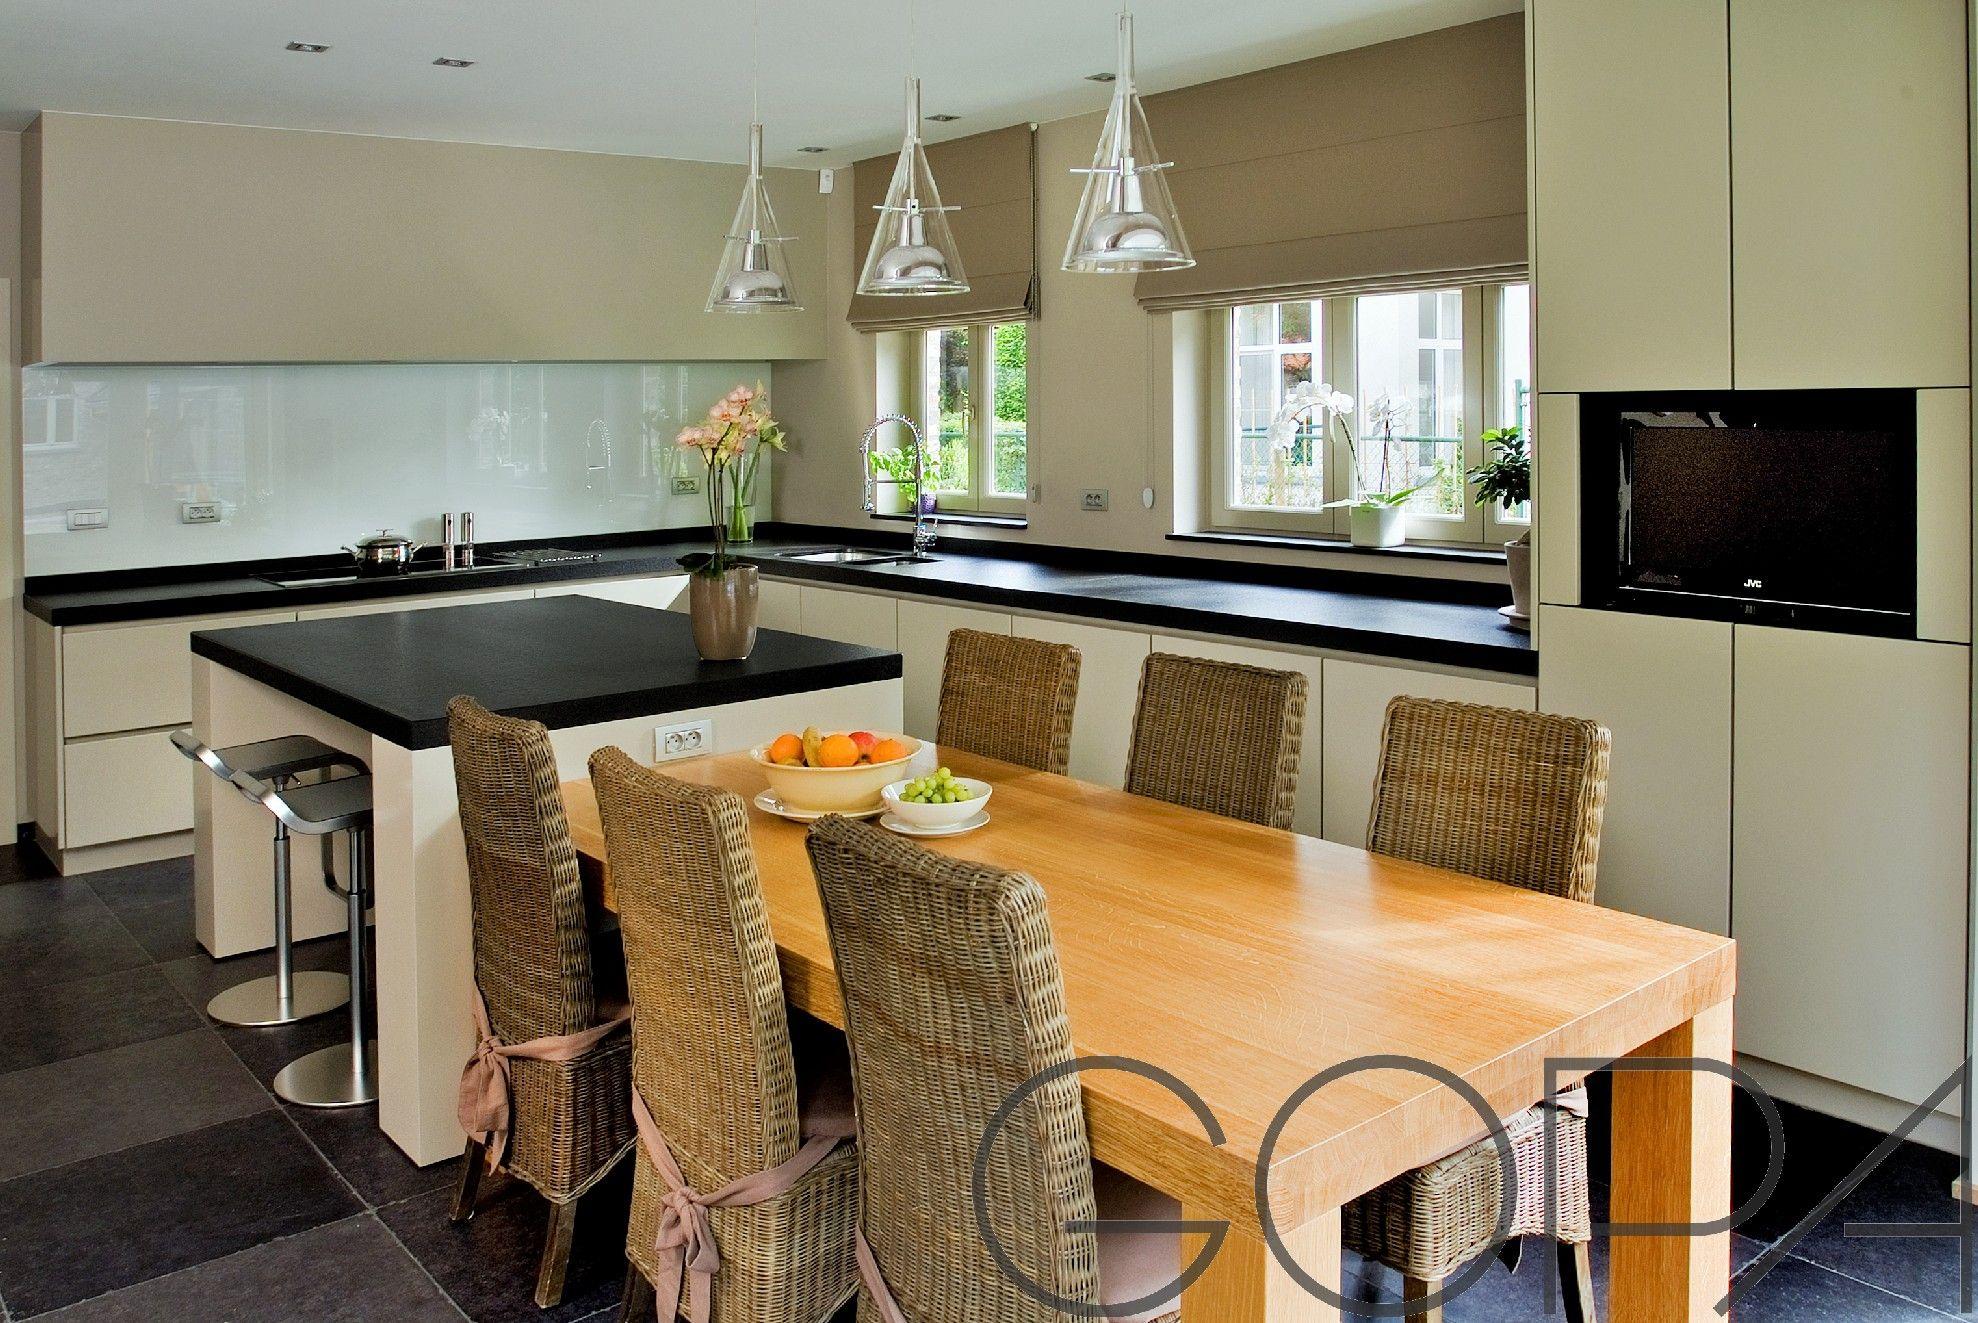 Moderne Greeploze Keuken : Moderne greeploze keuken met eiland en eettafel strakke keukens